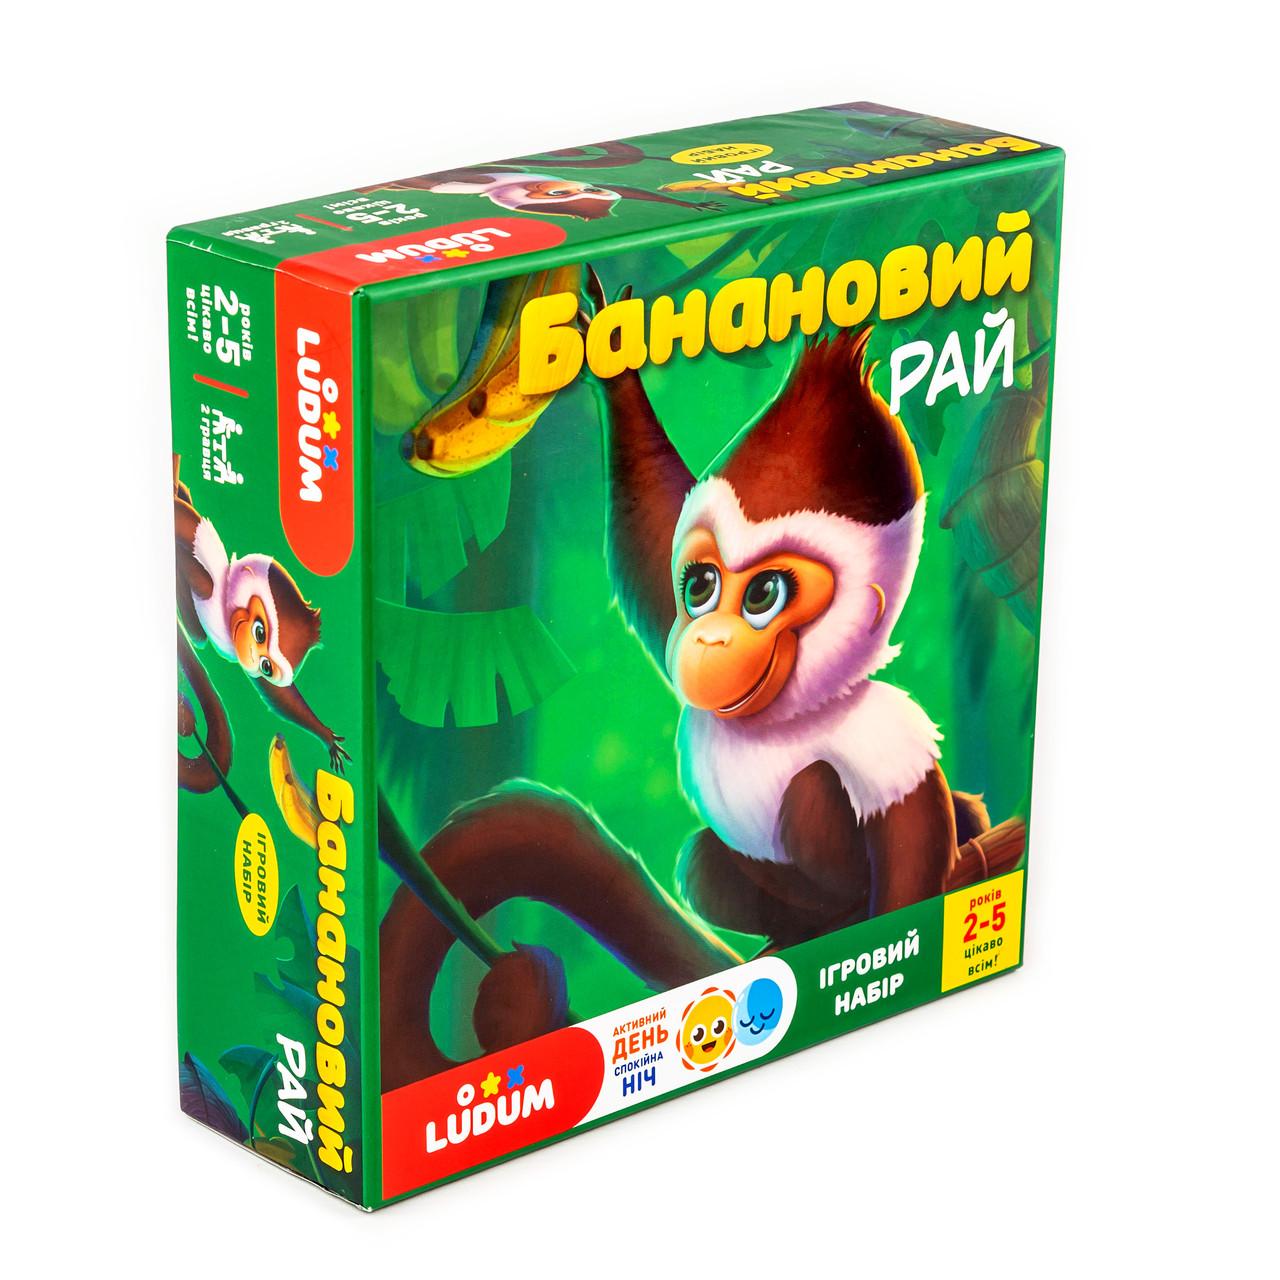 Настольная игра с аудиосказкой - игровой набор для детей 2-5 лет Банановый рай  TM LUDUM